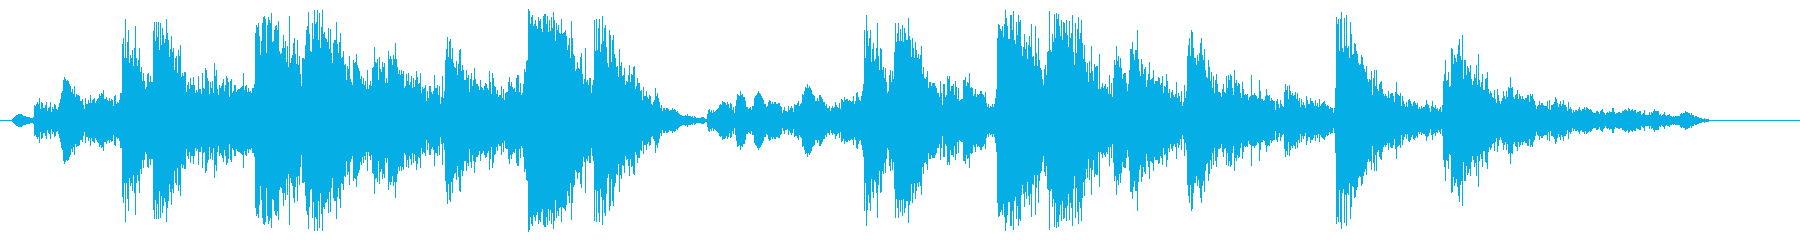 ガチャガチャ(機械が動く音)の再生済みの波形